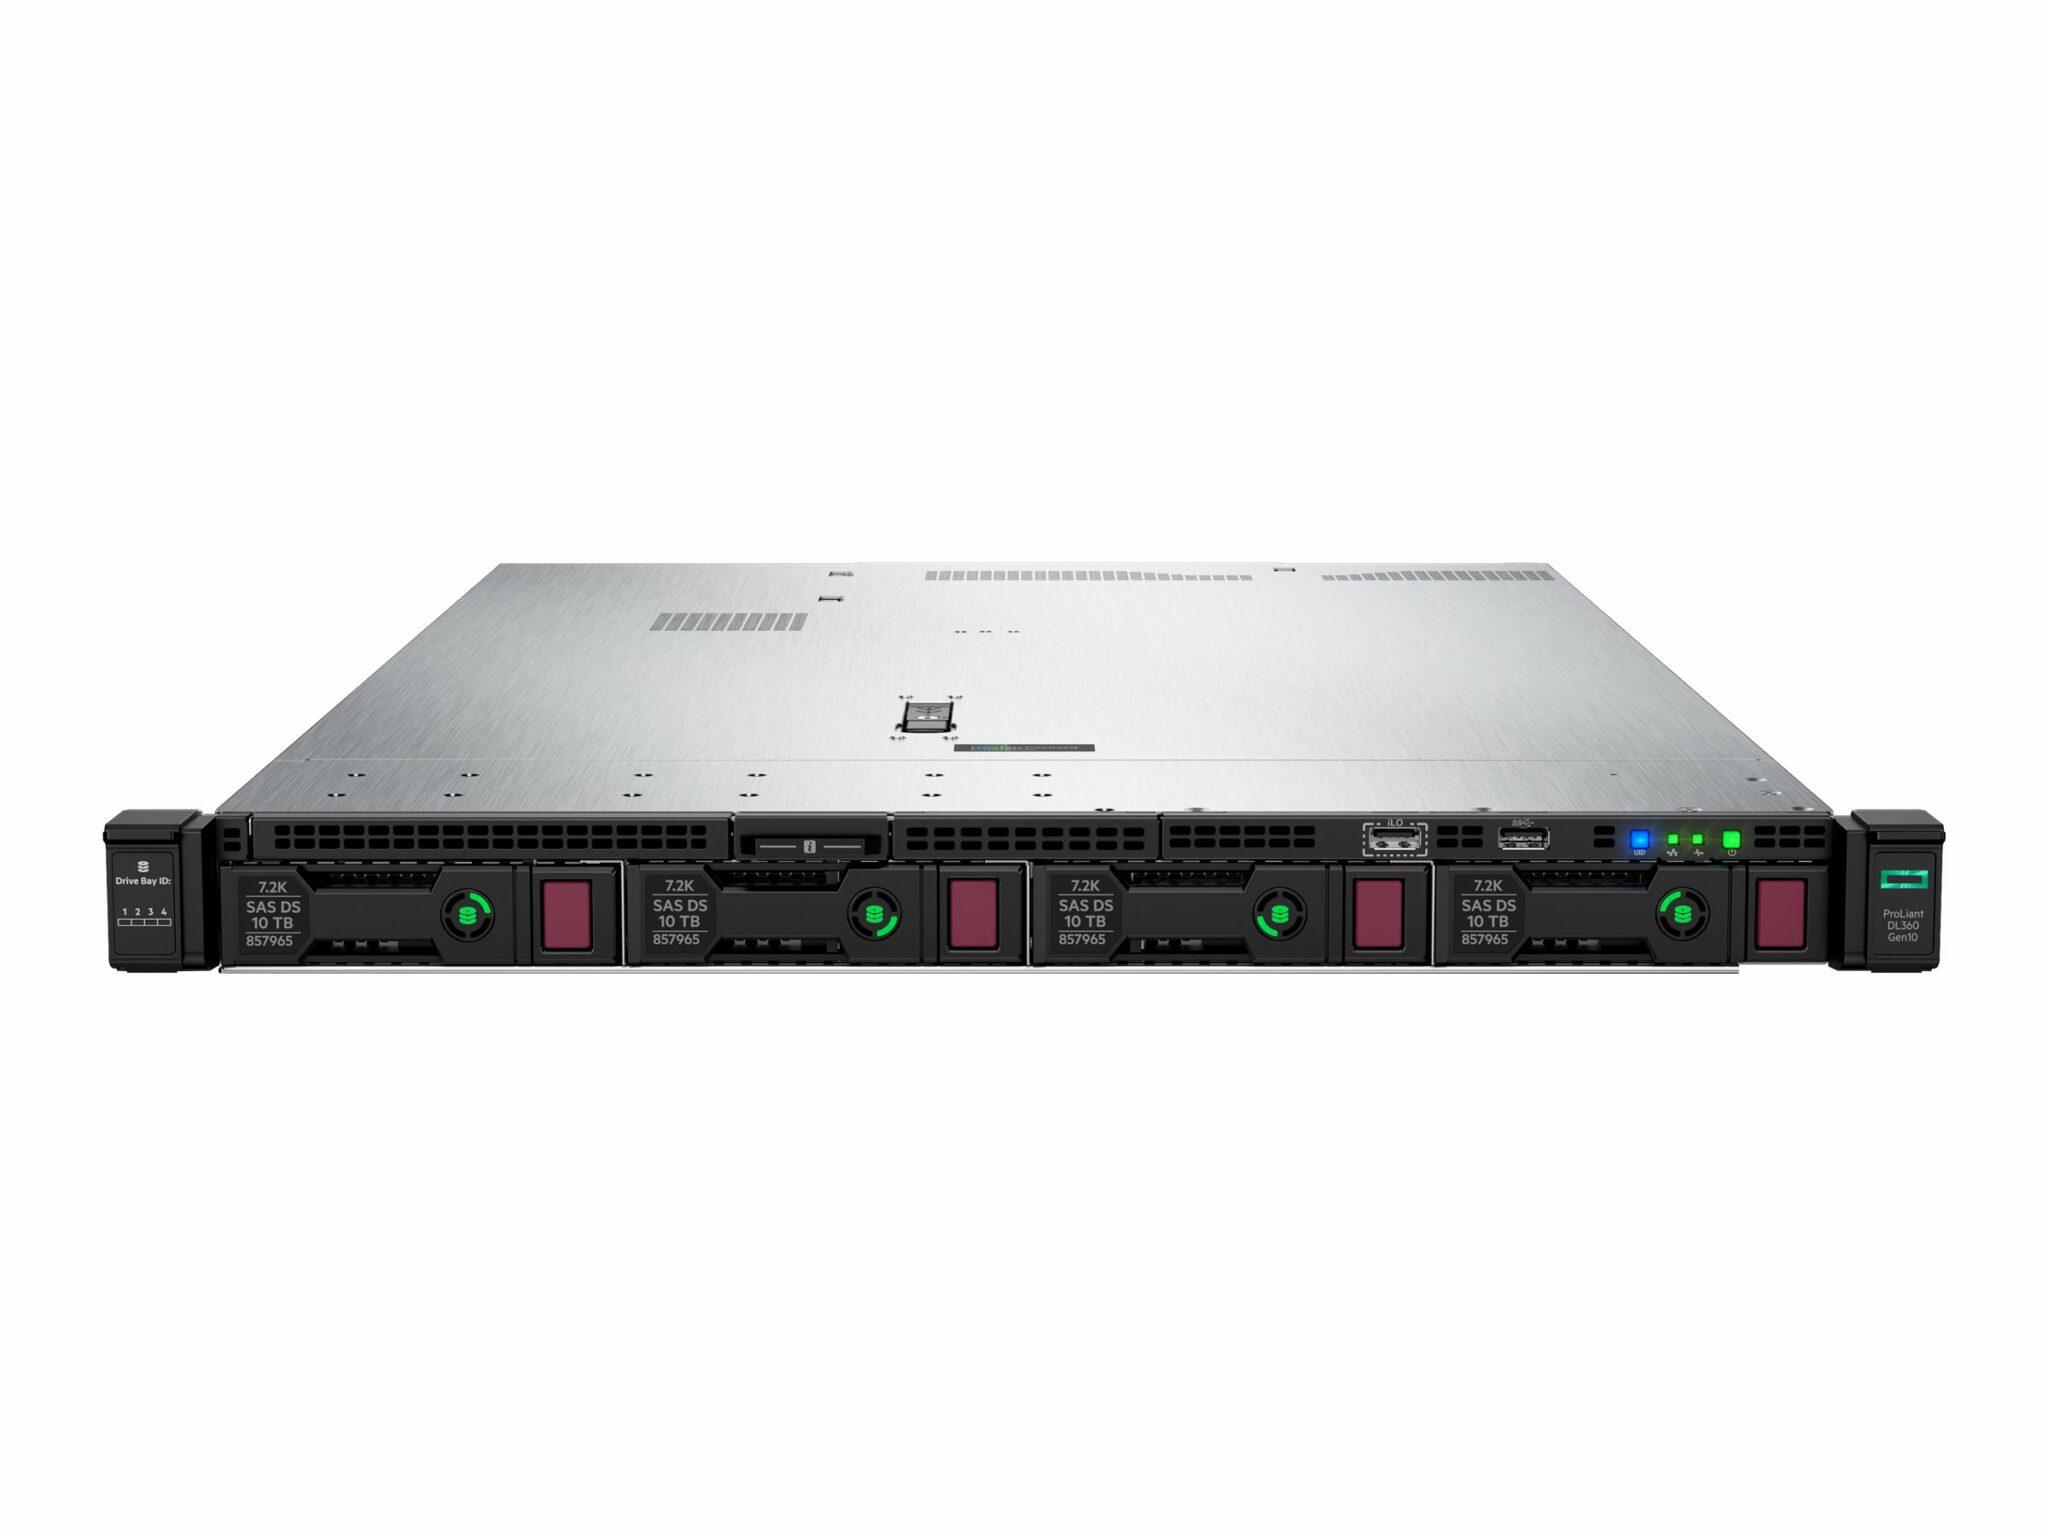 HPE DL360 GEN10 4112 1P 16G 8SFF Server Smart Buy